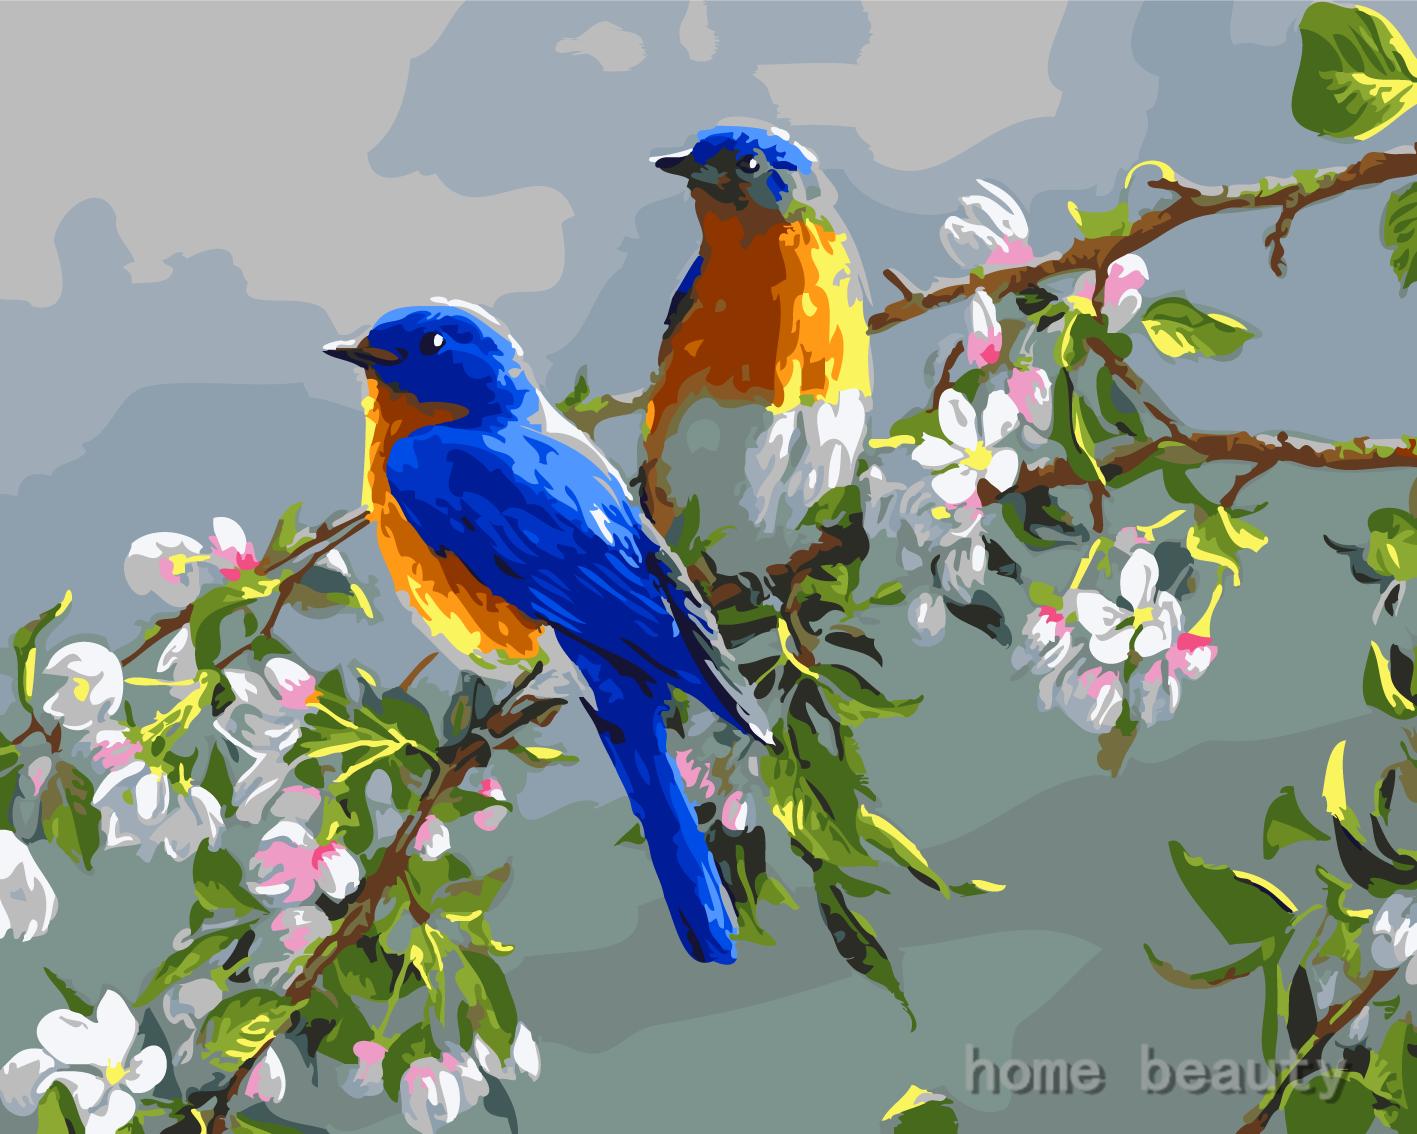 40x50 Cm Pared Coloracion By Numeros Pintura Al Oleo Digital De Diy Decoracion Del Hogar De La Pintura Sobre Lienzo Pajaros Y Flores Pajaros Pintura De Pajaros